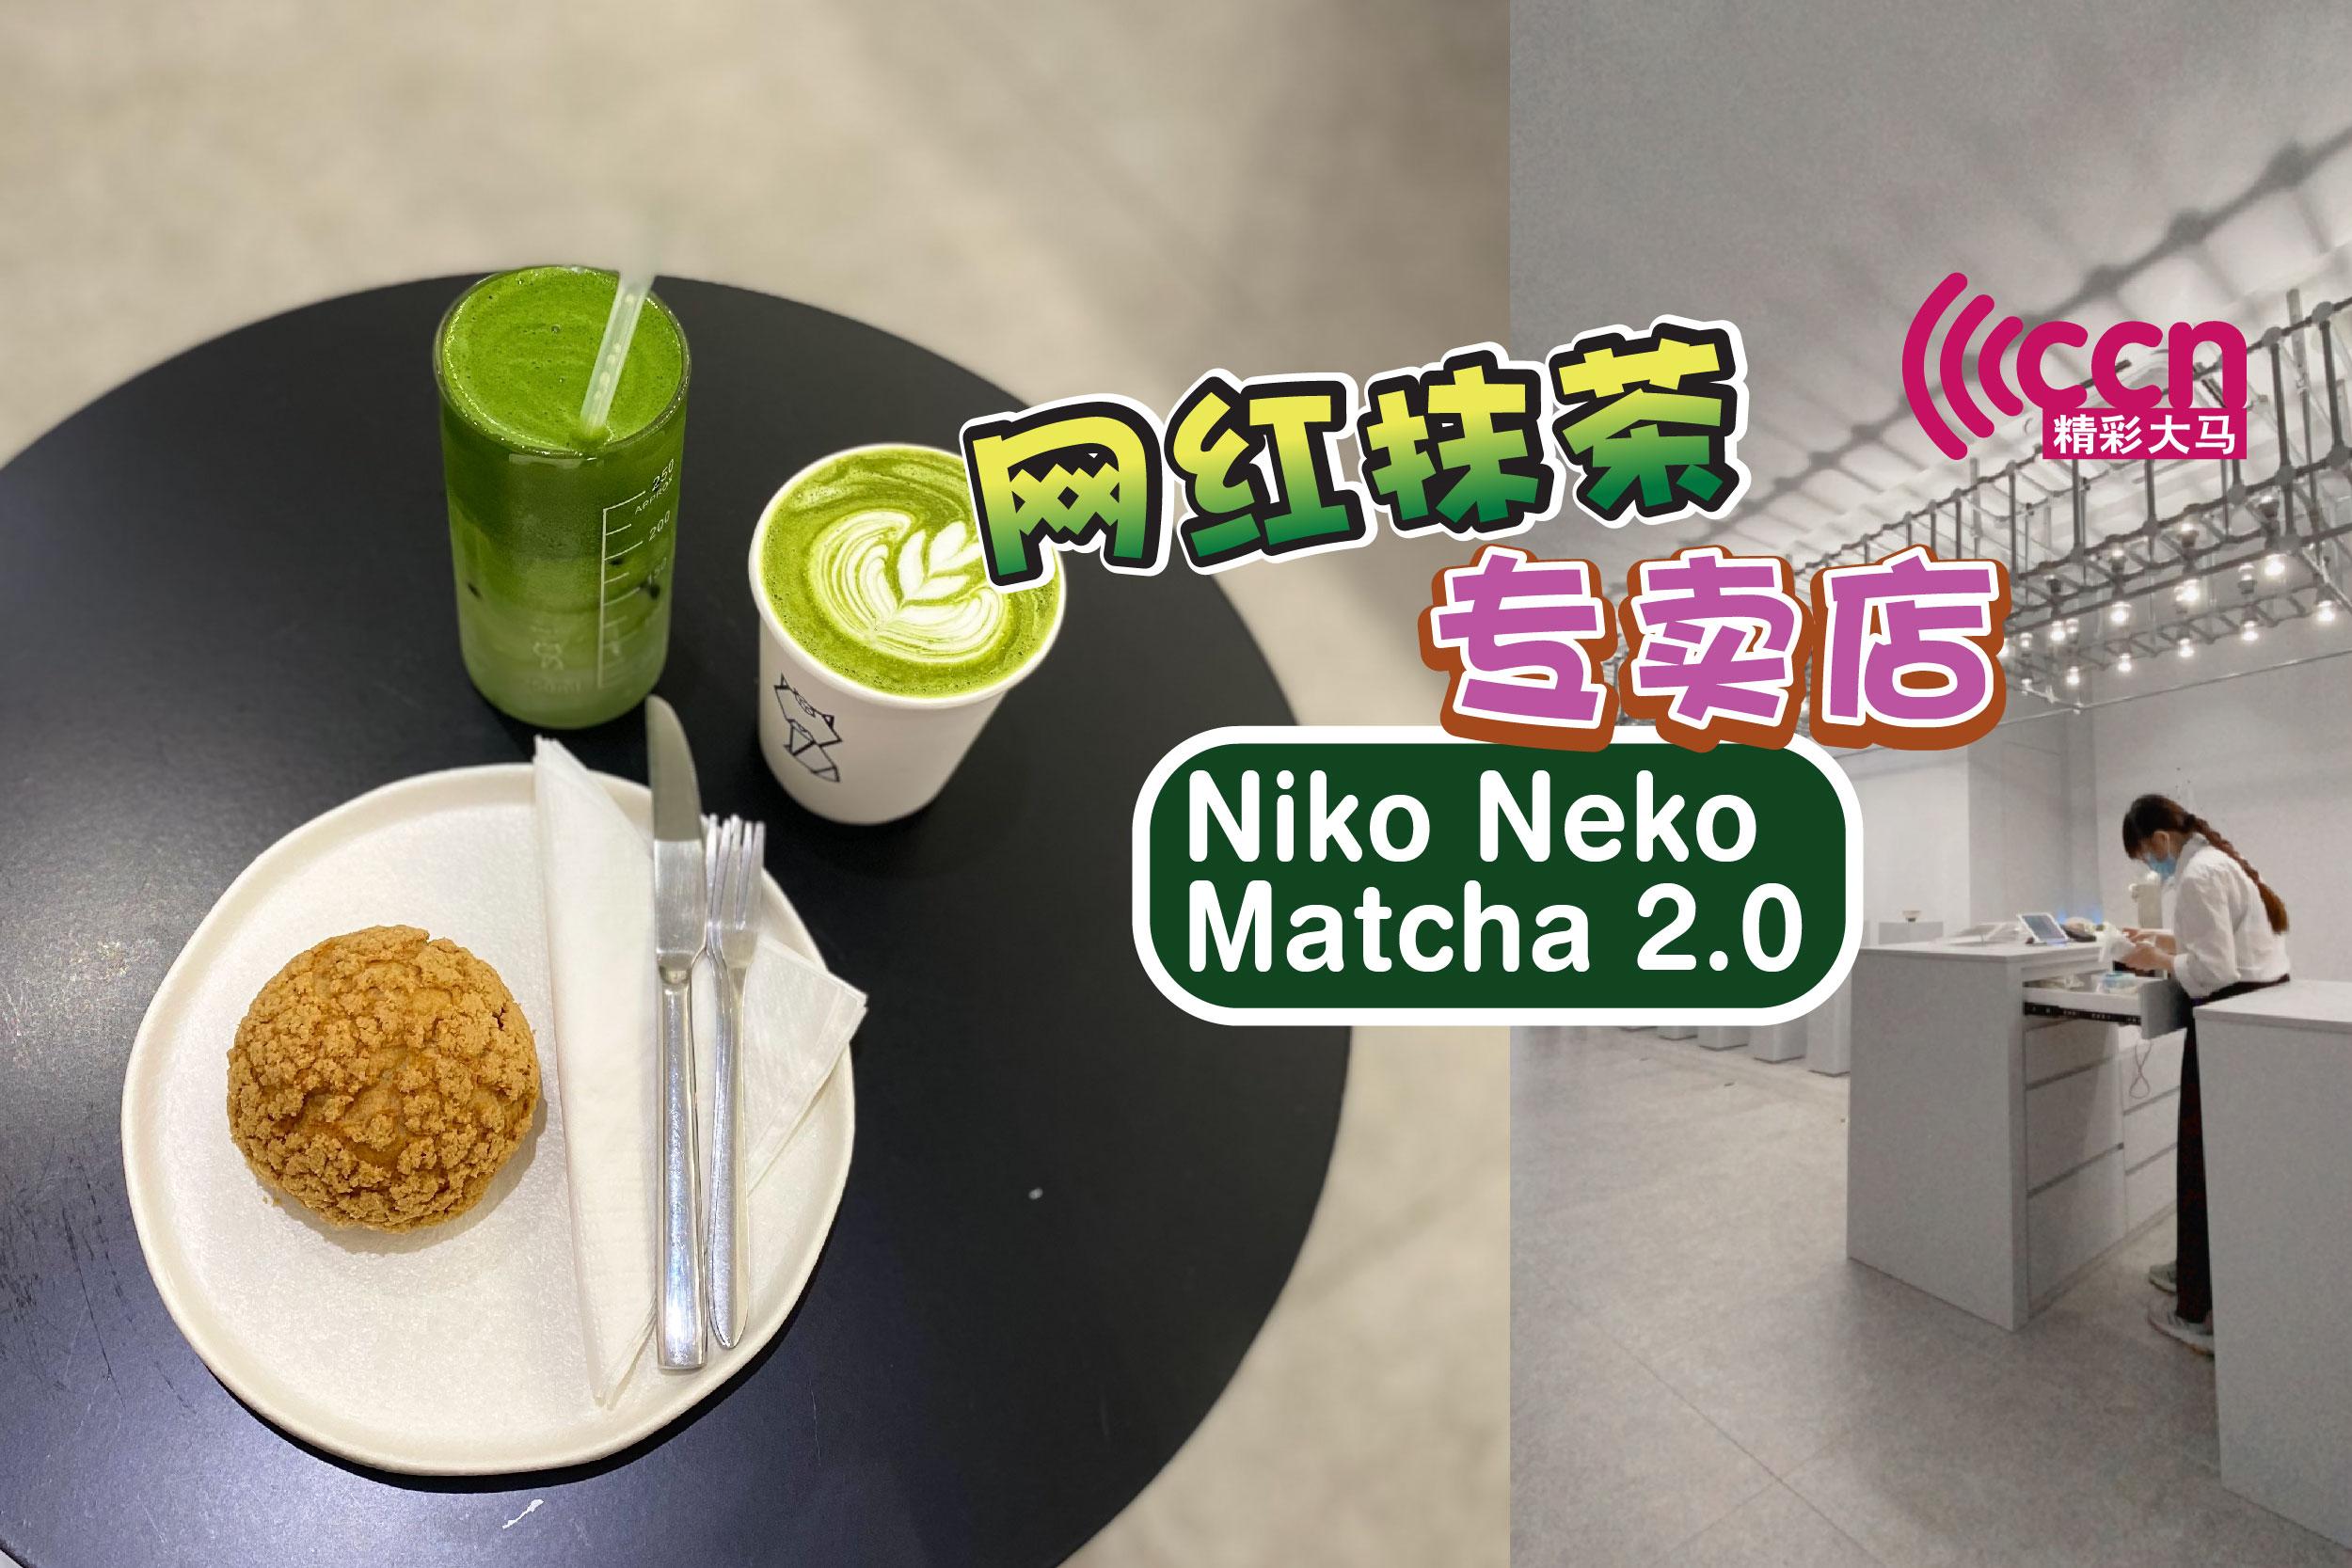 上月新开张的Niko Neko Matcha 2.0位于吉隆坡谐街!-方贝欣摄/精彩大马制图-